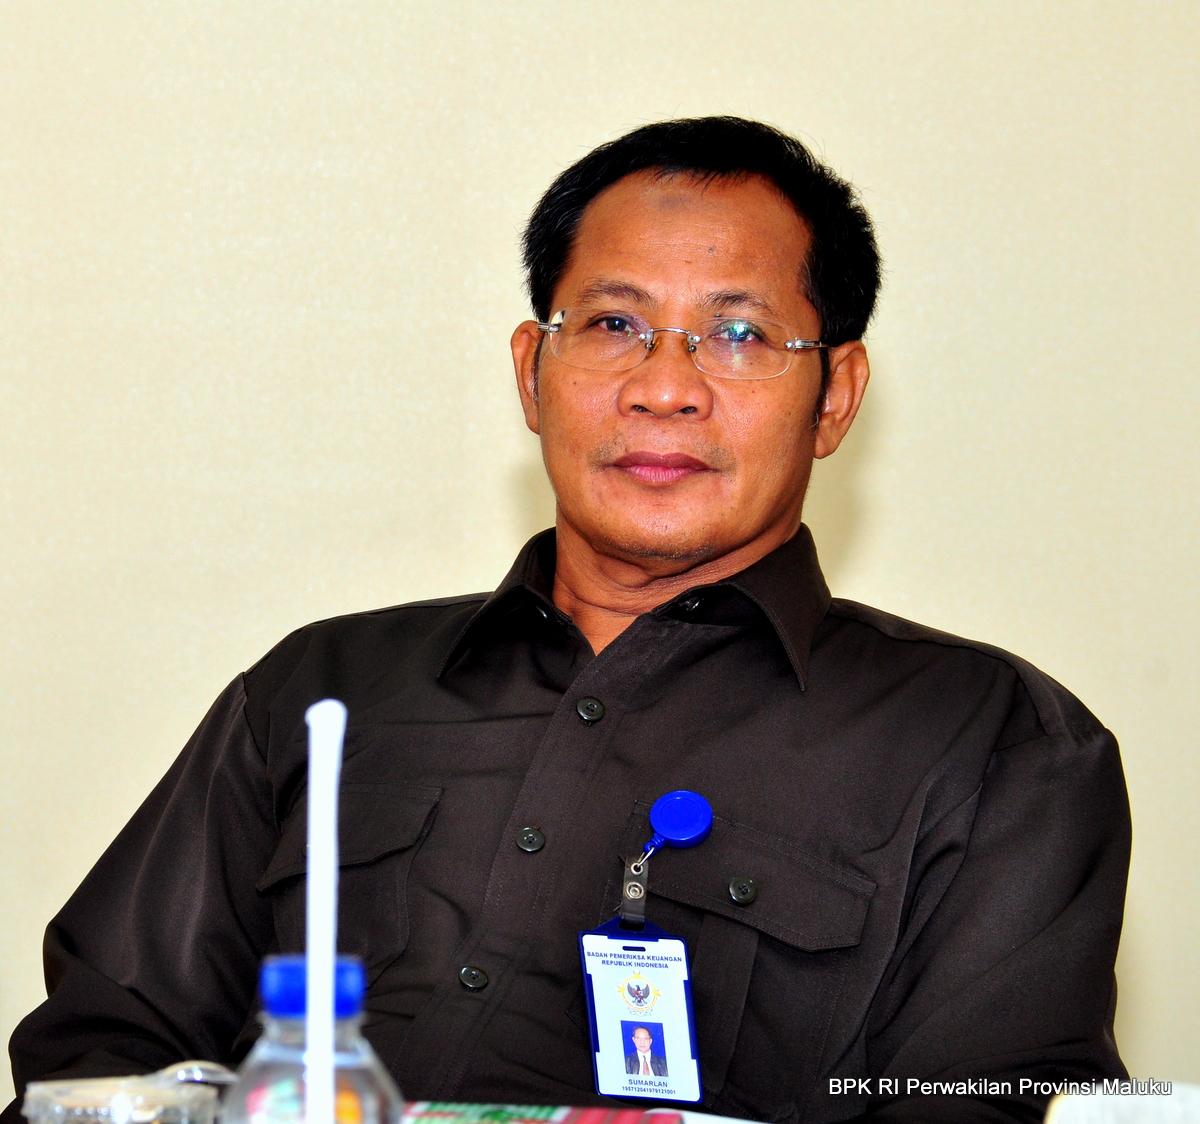 Kepala Sekretariat Perwakilan, Drs Sumarlan, M.Si ikut serta dalam pertemuan